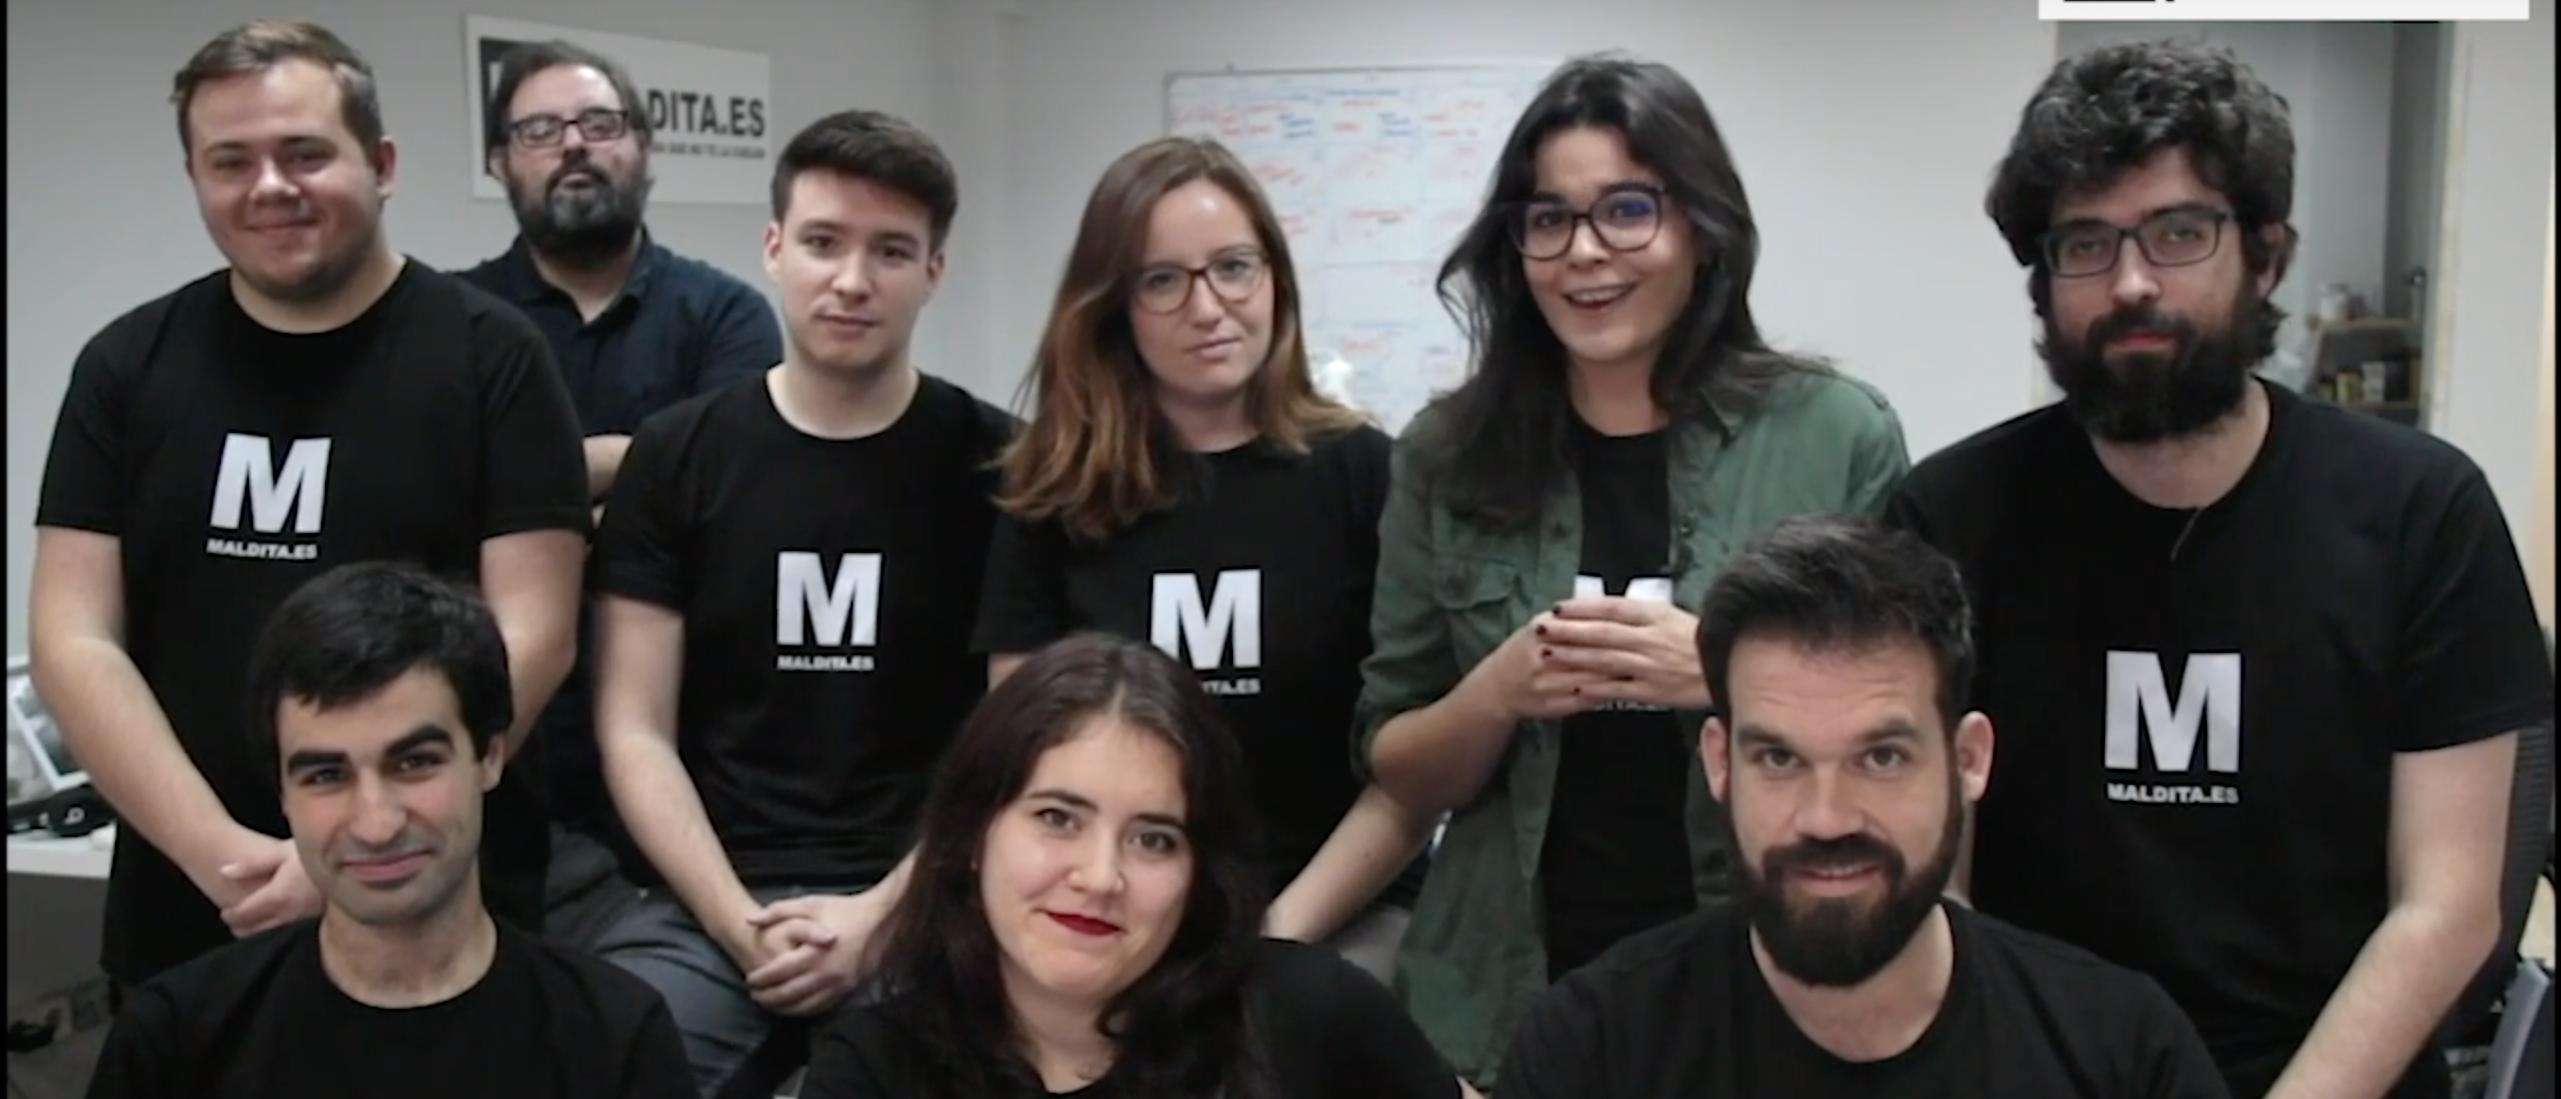 Maldita.es, un crowdfunding «para que no nos la cuelen»